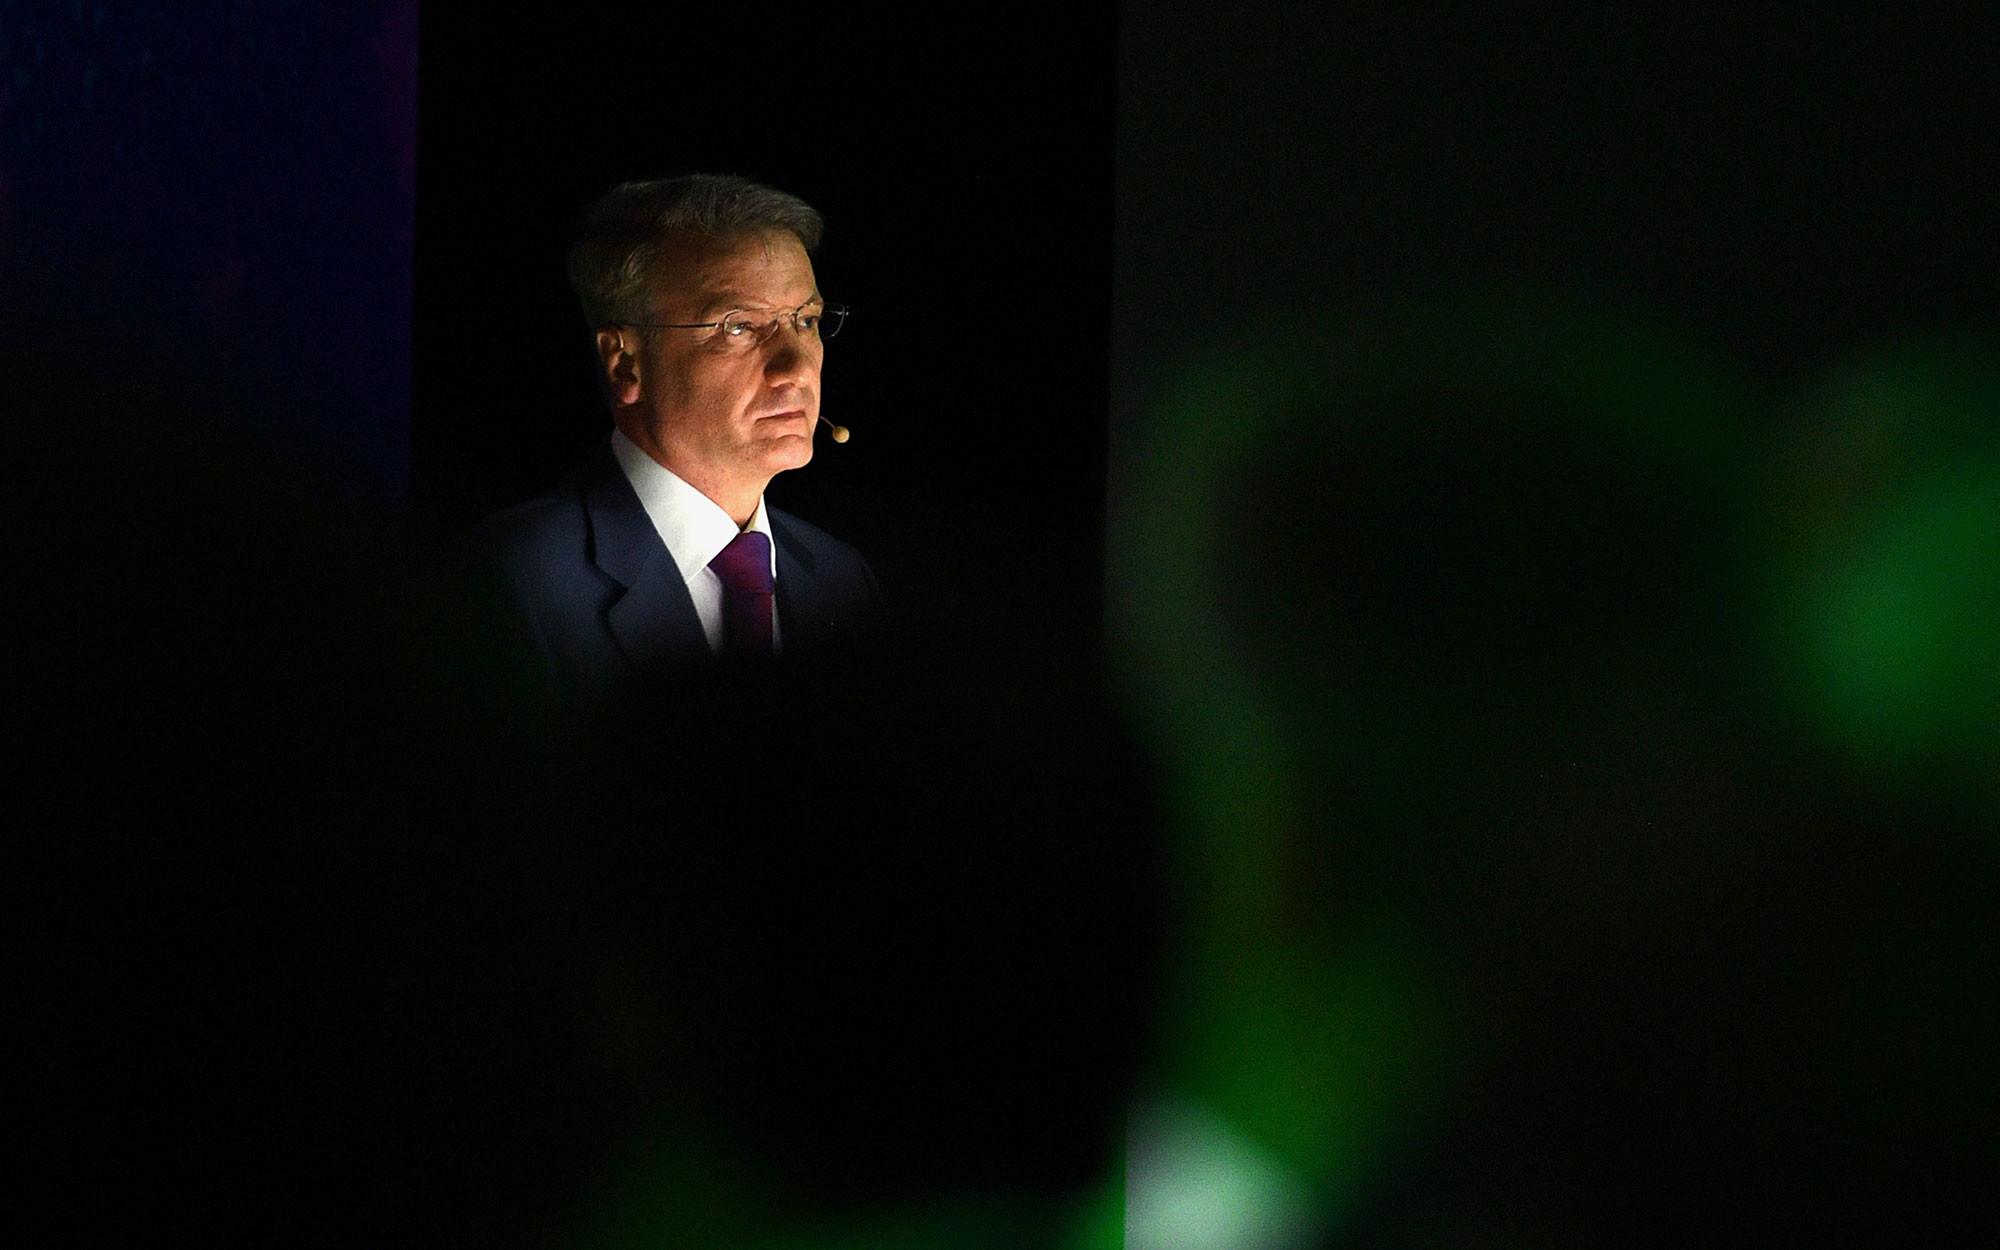 Президент, председатель правления Сбербанка РФ Герман Греф. Фото: © РИА Новости / Григорий Сысоев